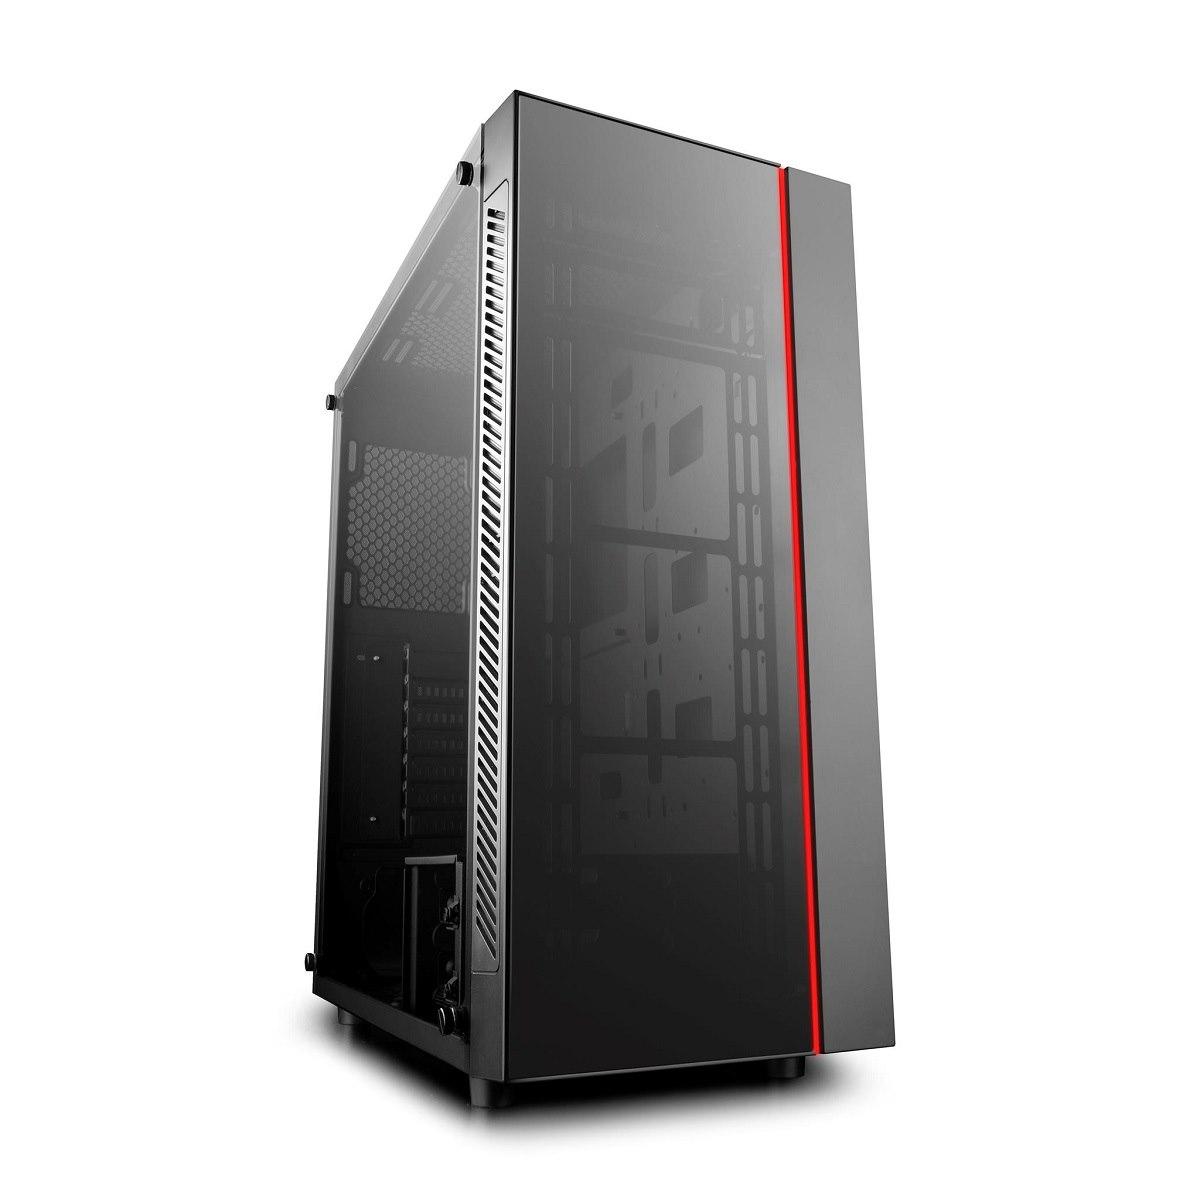 Deepcool Matrexx 55 Atx Minimalist Tempered Glass Case, Fits E-Atx MB